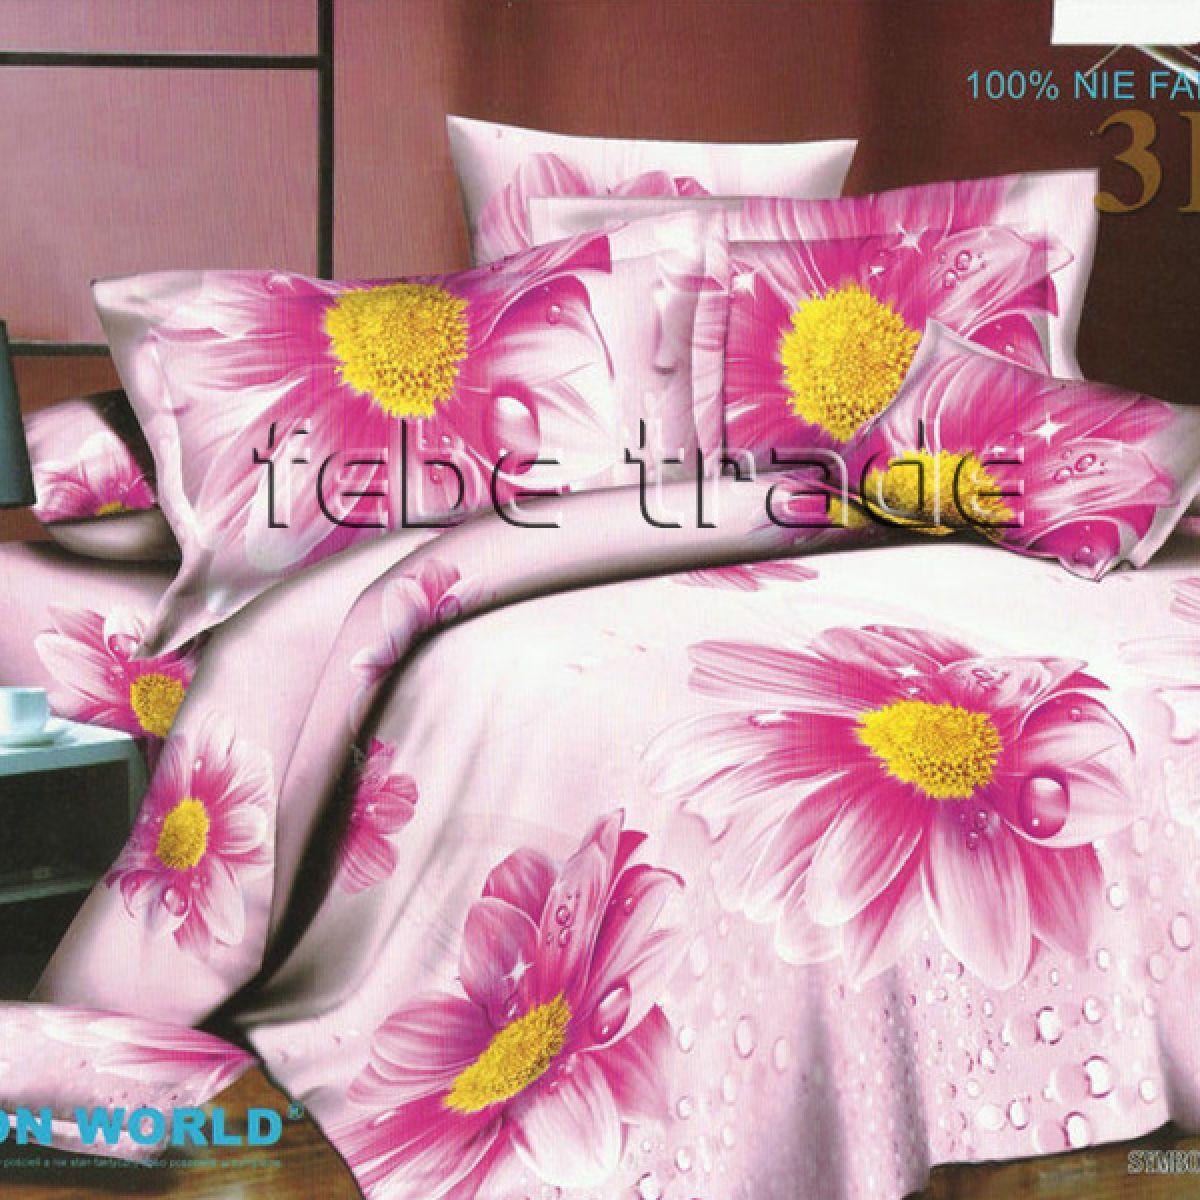 3D Beddings - Cotton World - FST-305 - 220x200 cm - 4 pcs